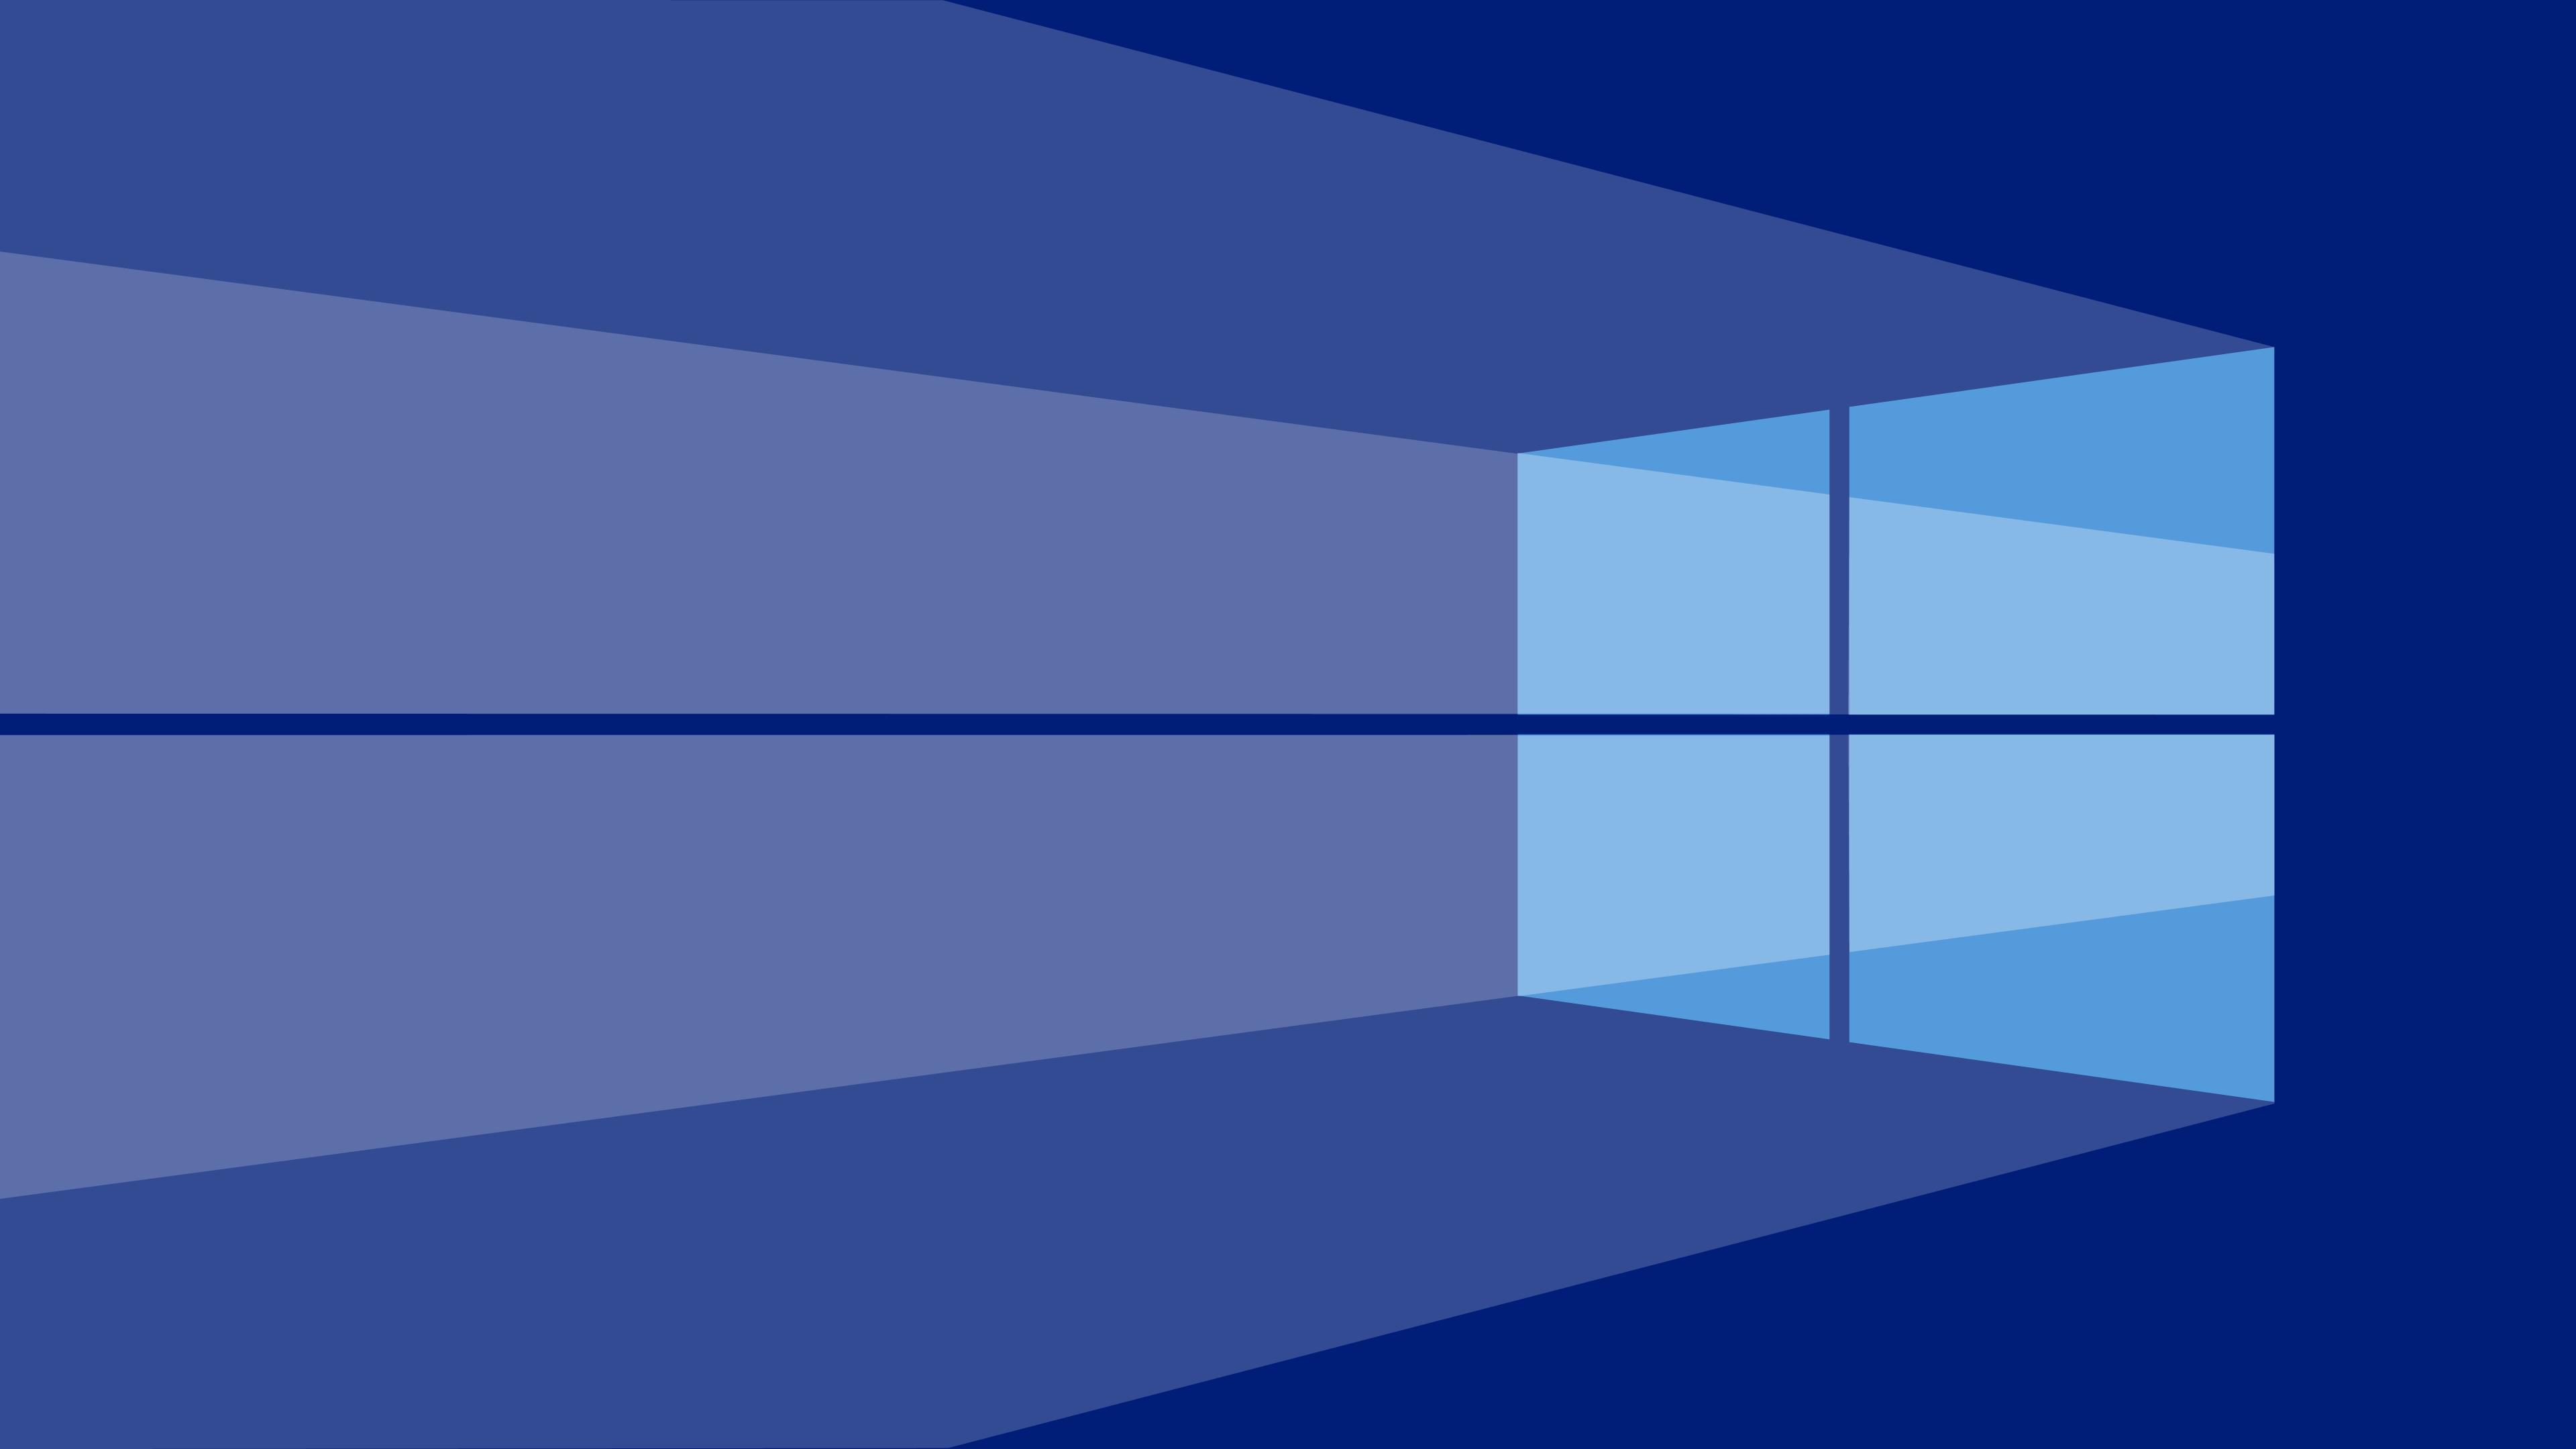 Kliknij na obrazek poniżej aby wyświetlić tapetę w oryginalnym rozmiarze.  Windows 10 024 6a59bef6e7c